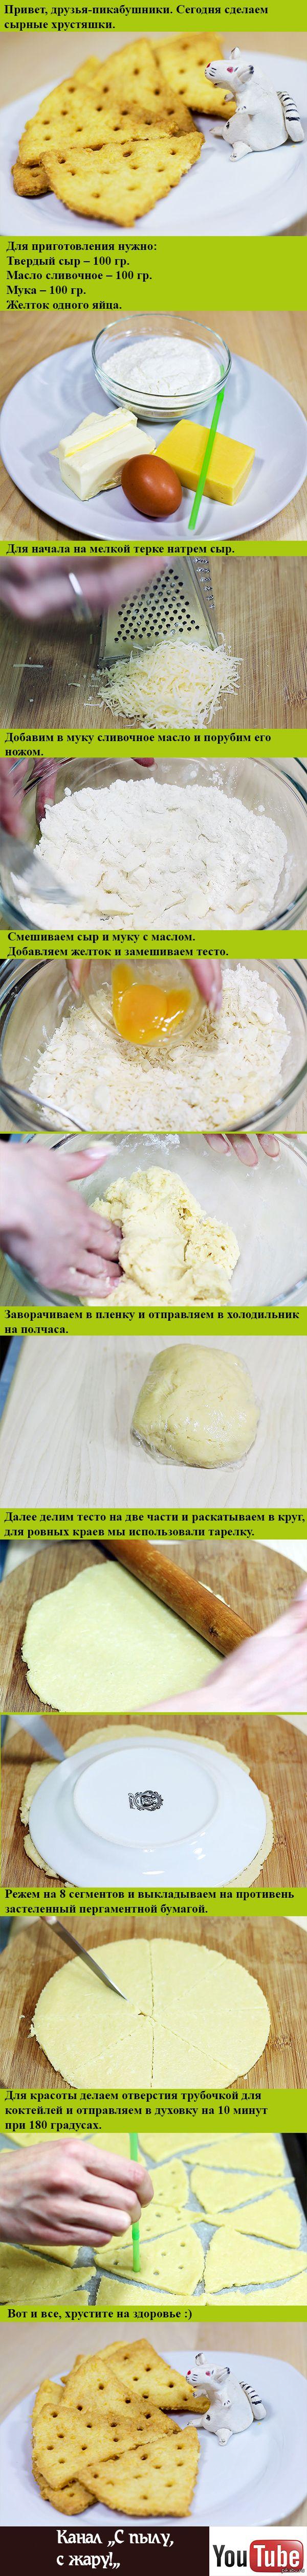 Сырные крекеры Хрустящие сырные печенюшки  еда, рецепт, кулинария, жена готовит, крекеры, сыр, длиннопост